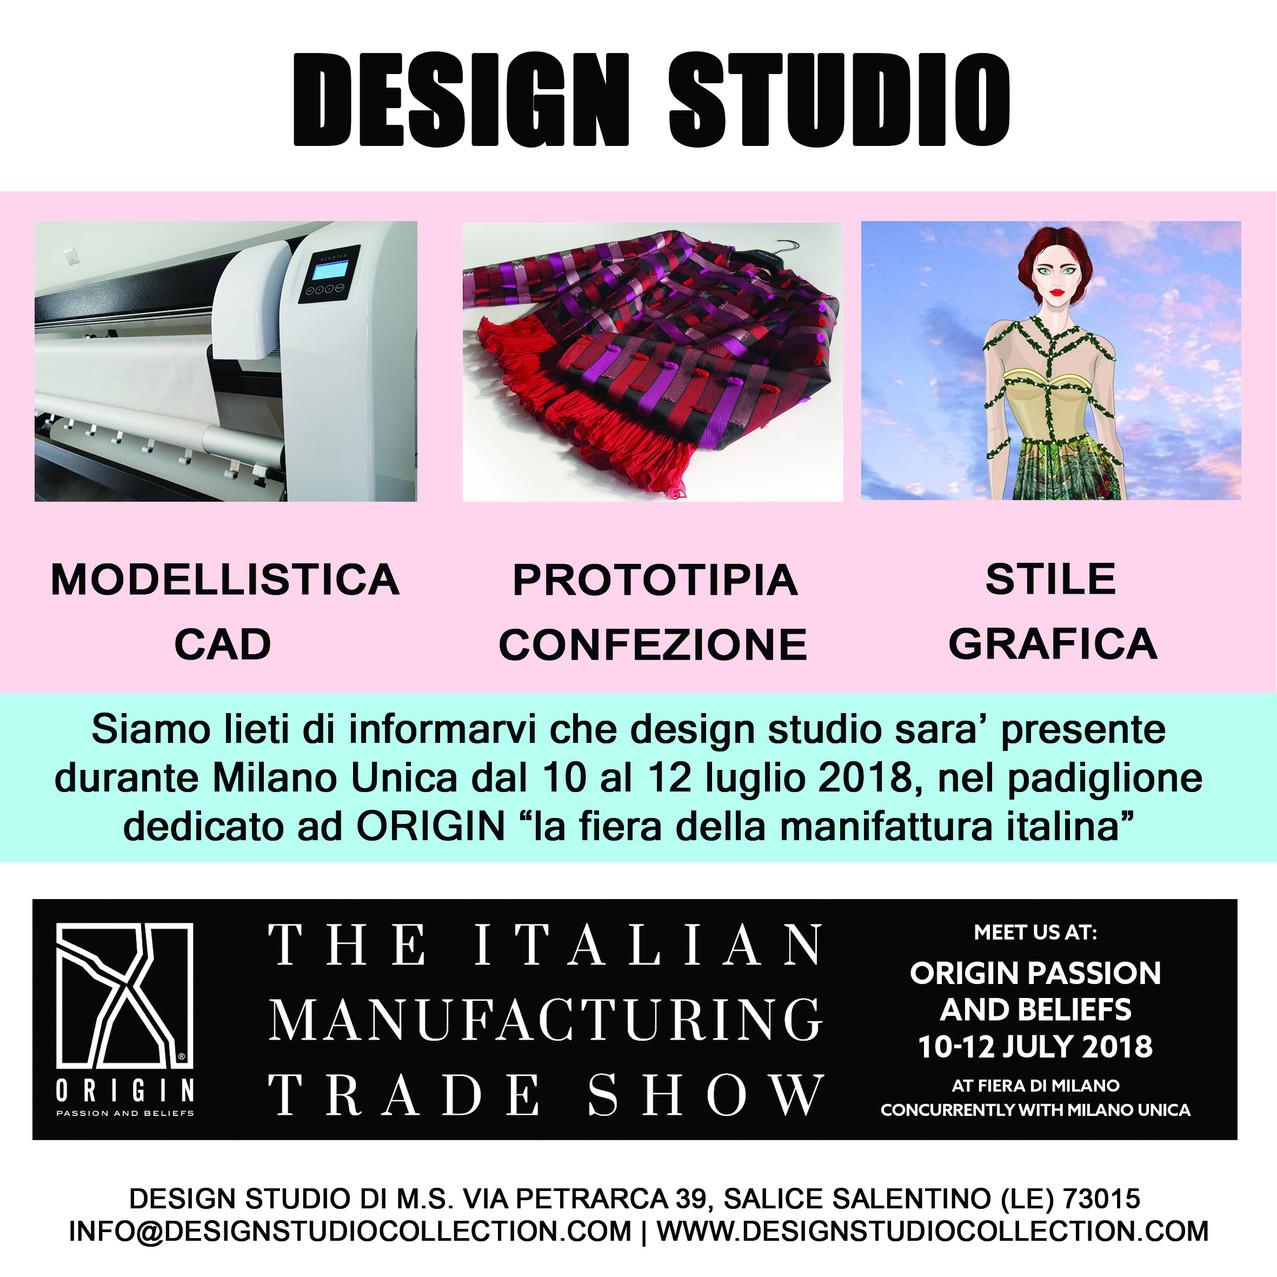 DESIGN STUDIO ORIGIN